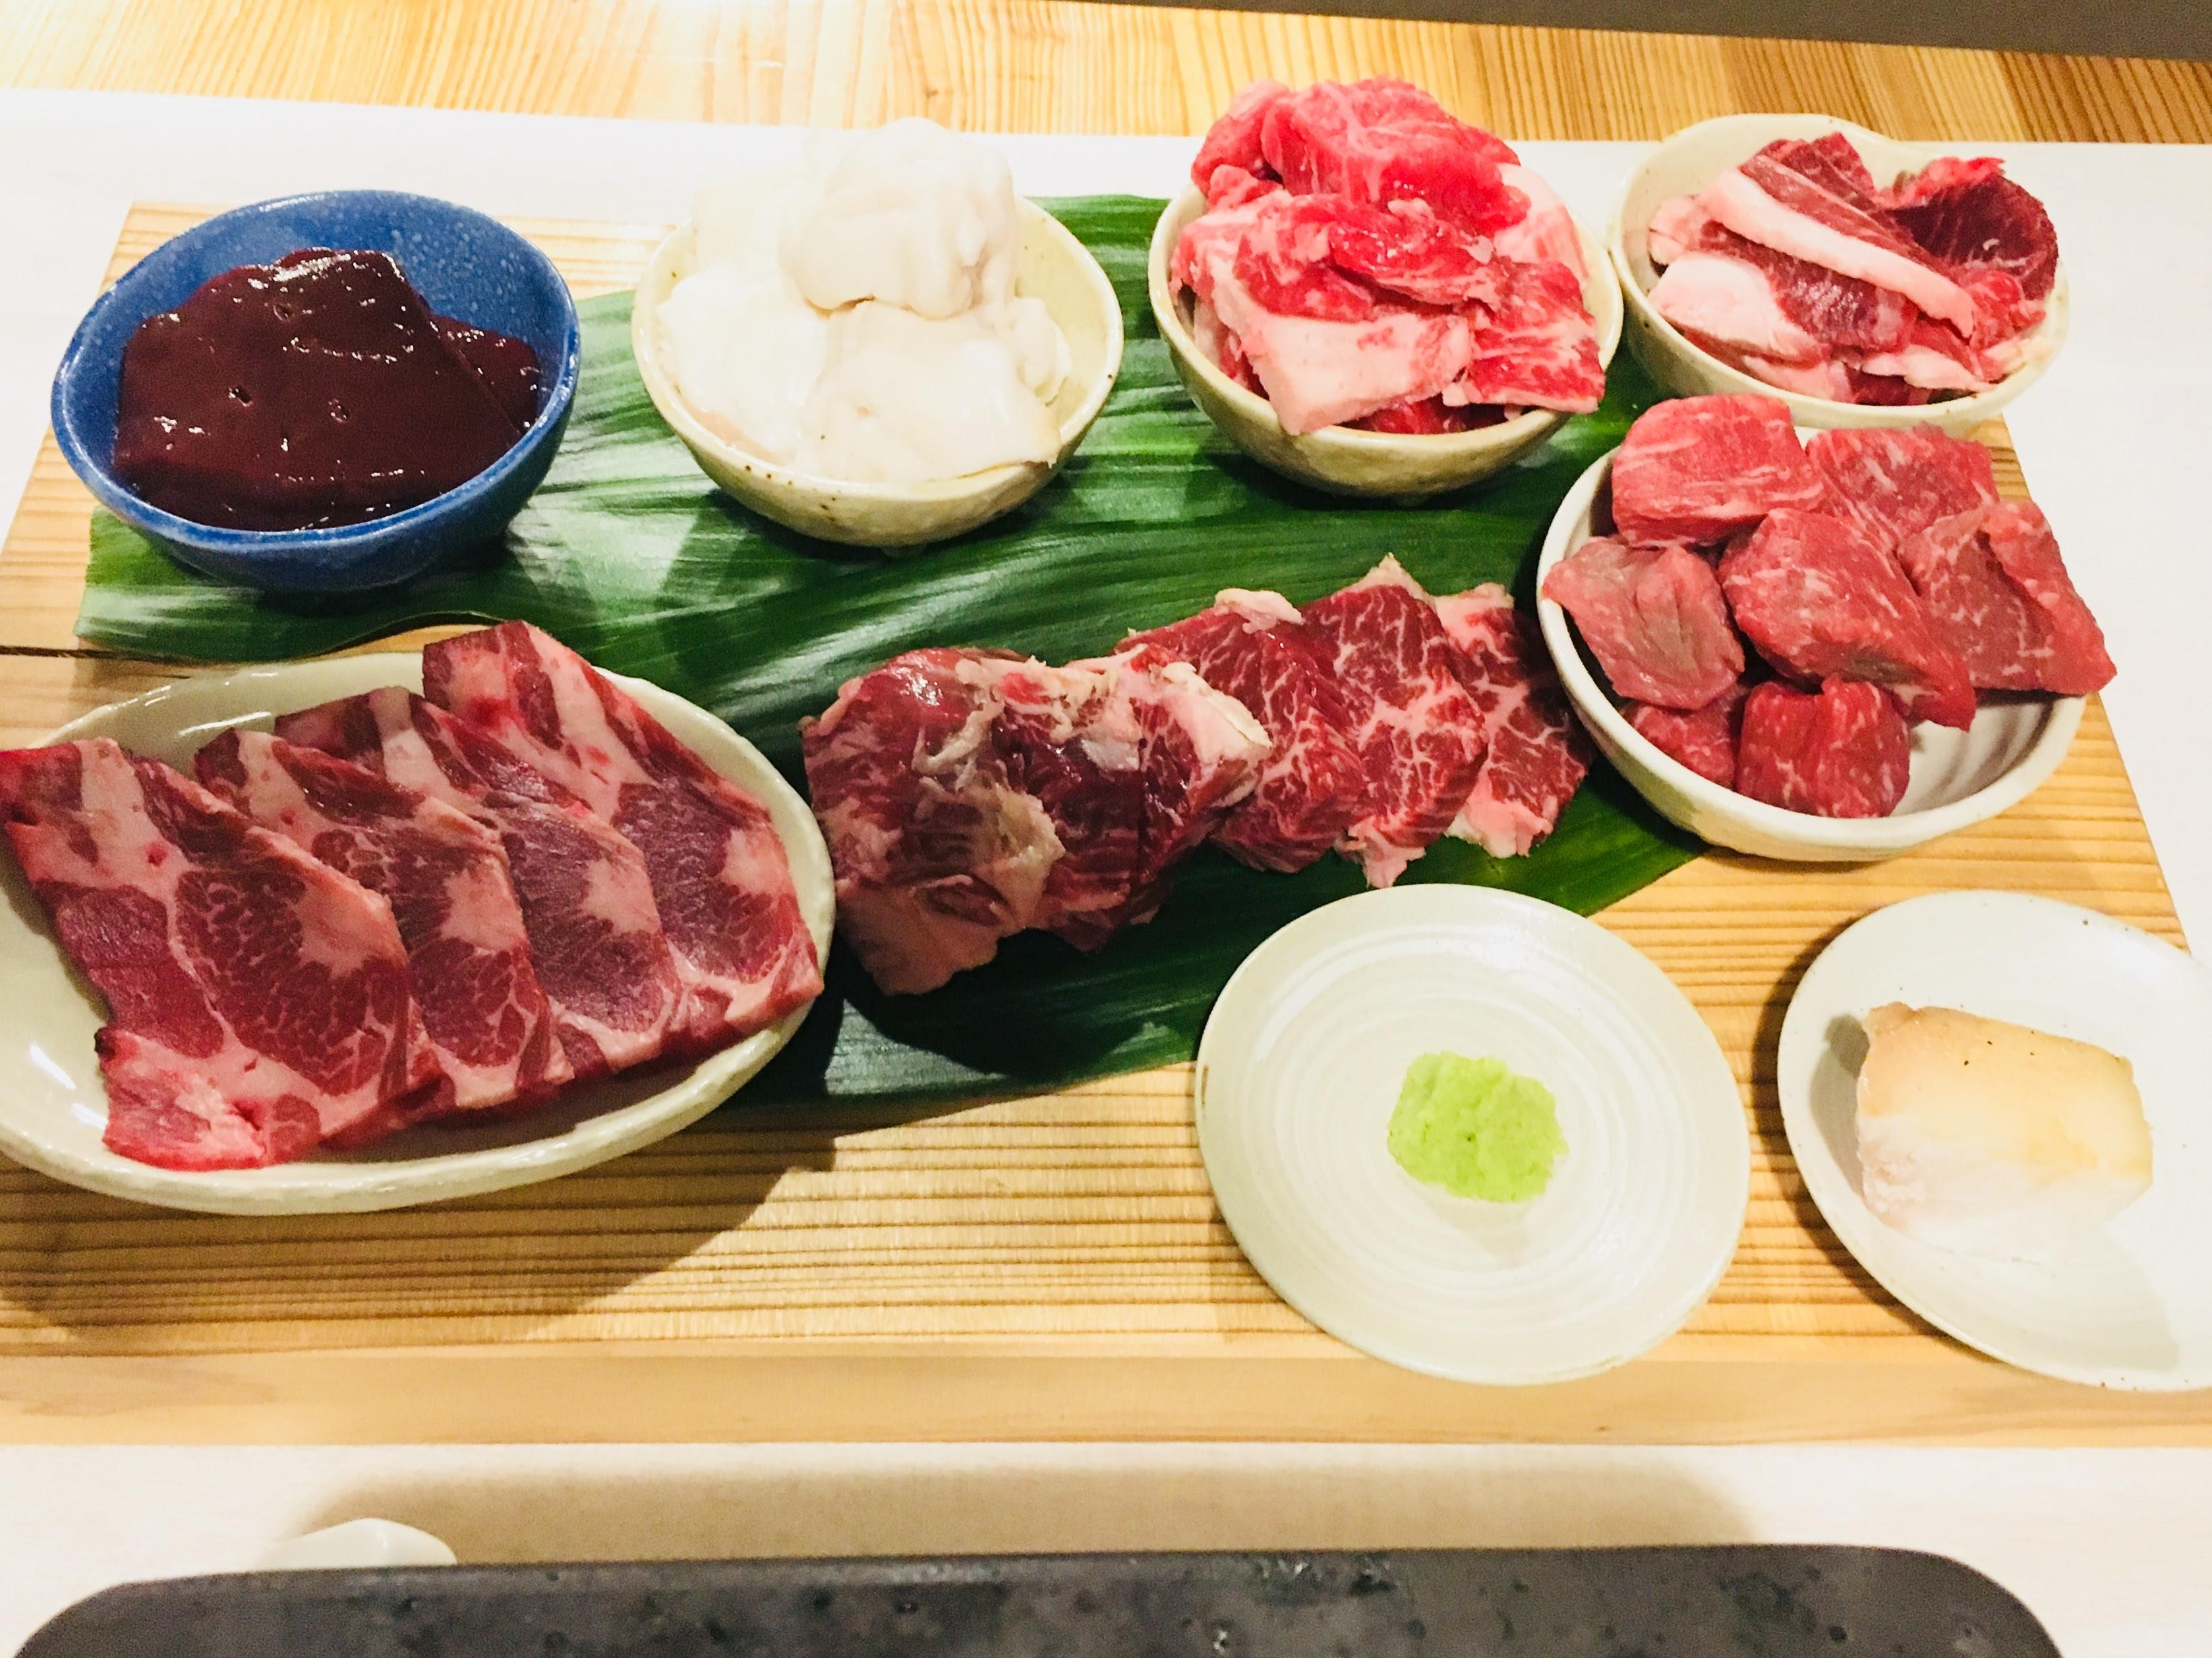 【農家レストラン 山の里】熊本市であか牛を一頭まるごと堪能できる農家レストラン